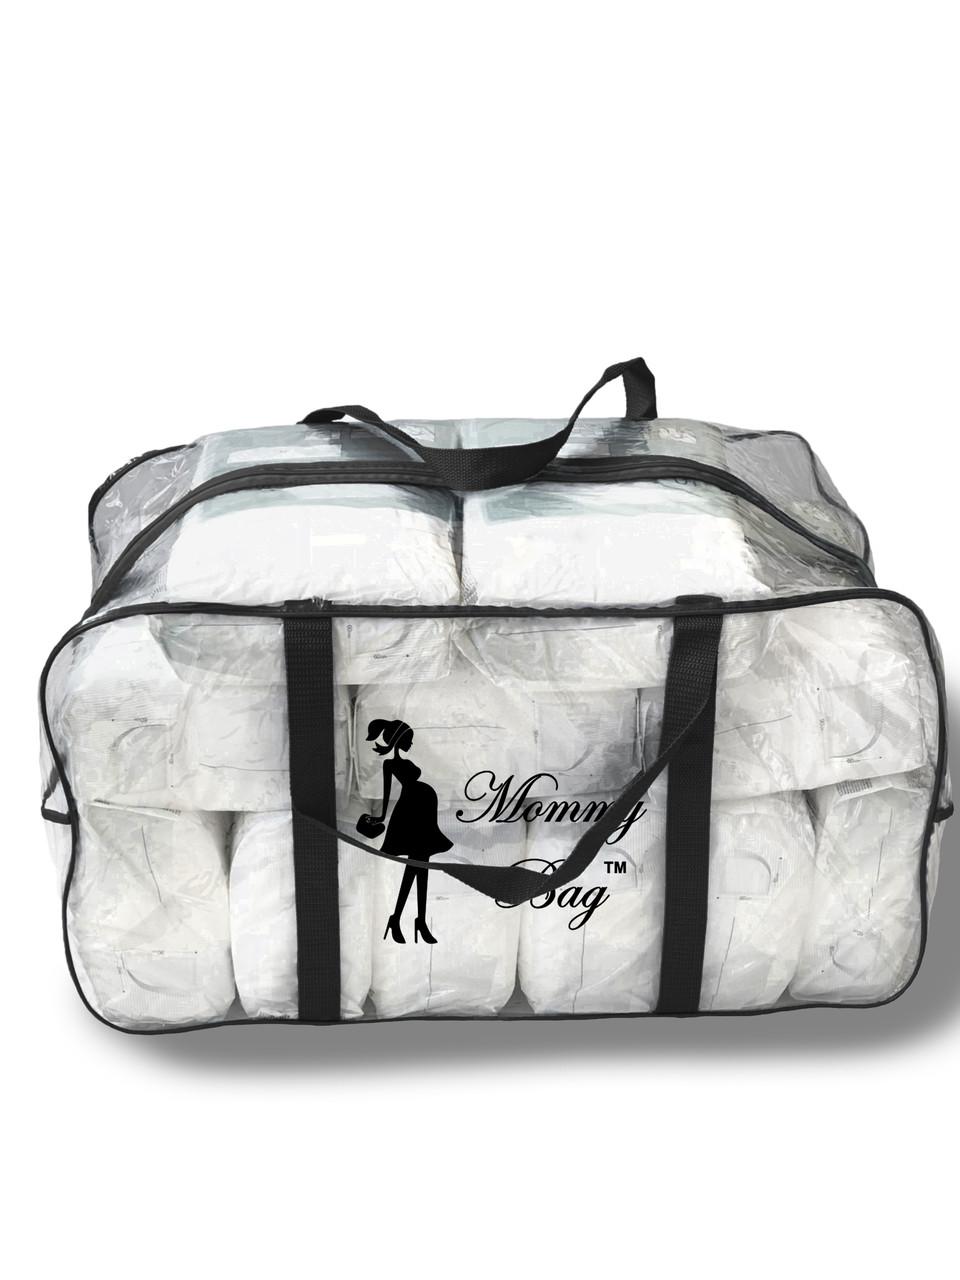 Сумка прозрачная в роддом Mommy Bag - XL - 65*35*30 см Черная